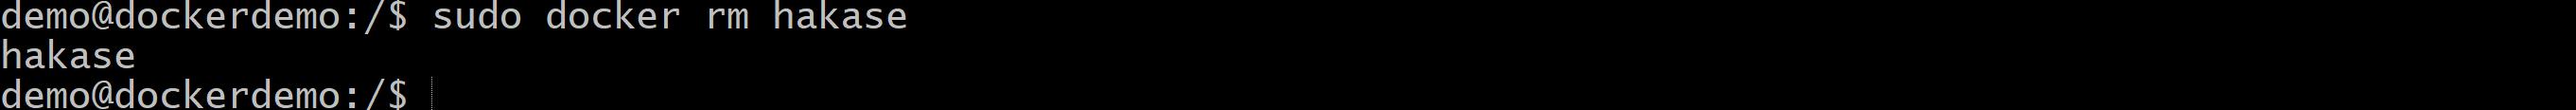 Polecenia Dockera zdj.24